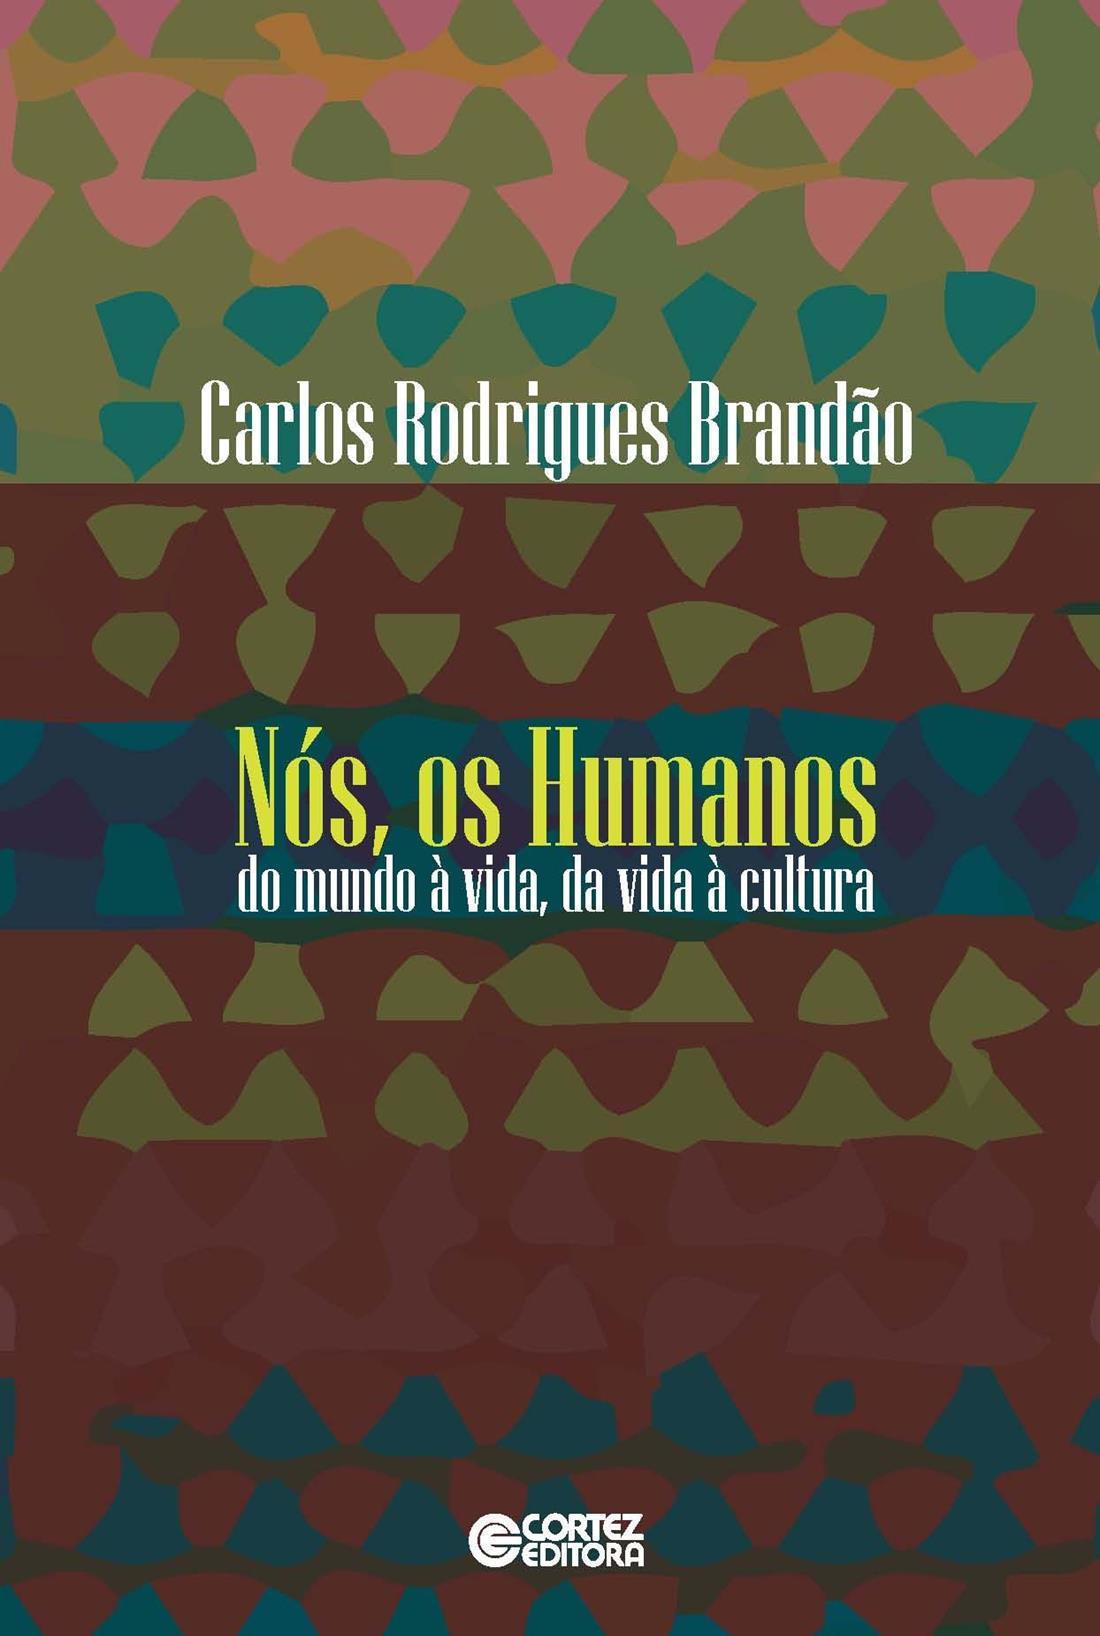 Capa de Livro: Nós, os humanos